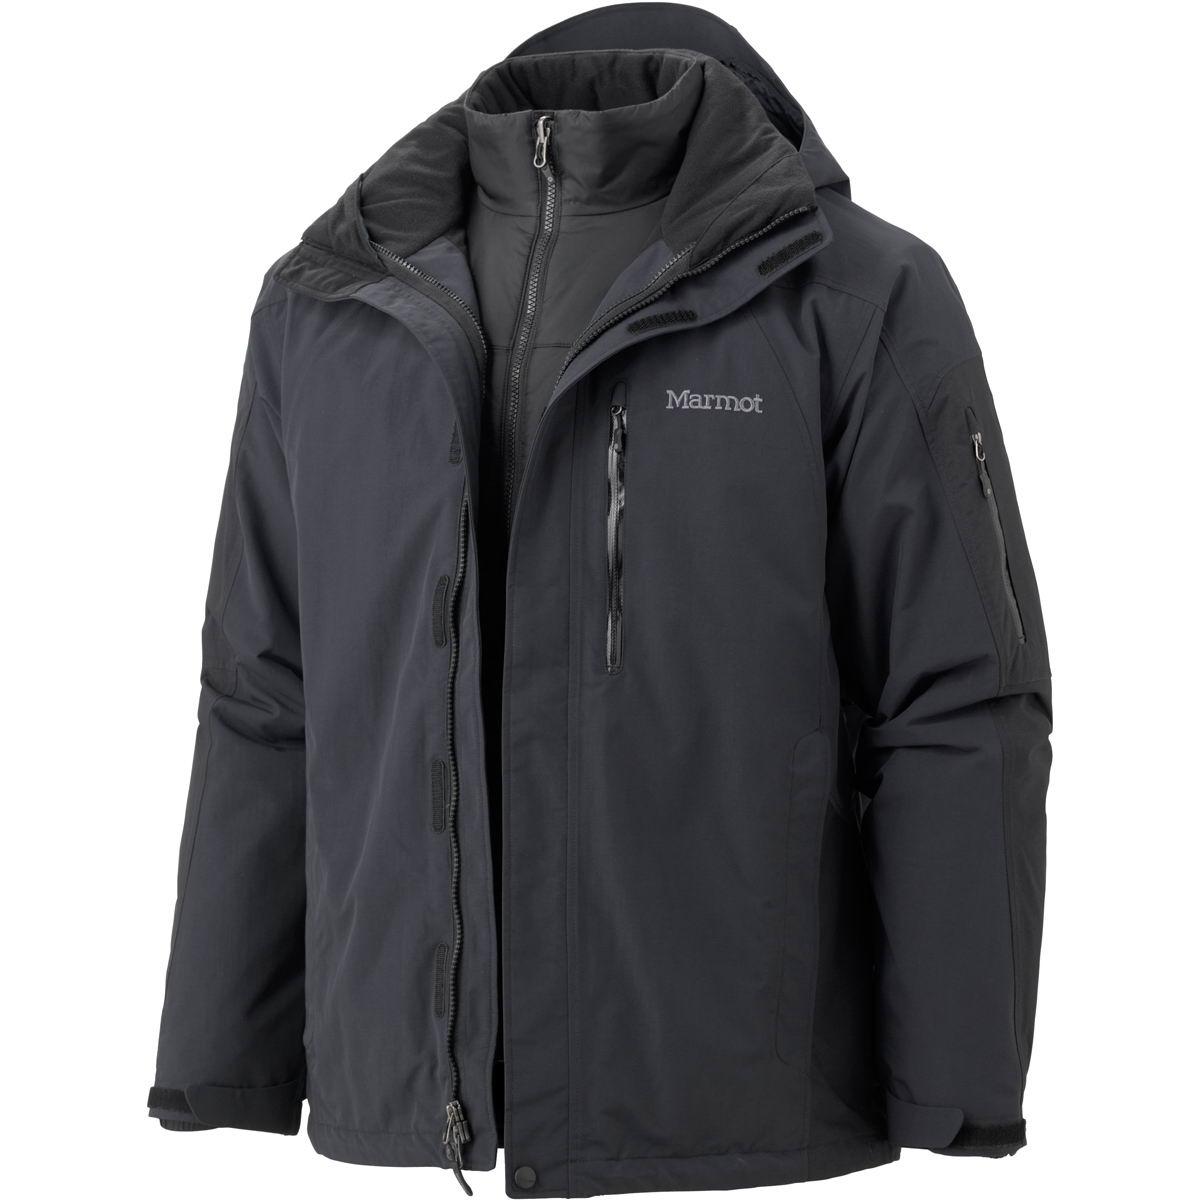 Marmot  Sonderangebote –  Men's Tamarack Component Jacket nun mit 40  % Rabatt für 164.90 € im Angebot